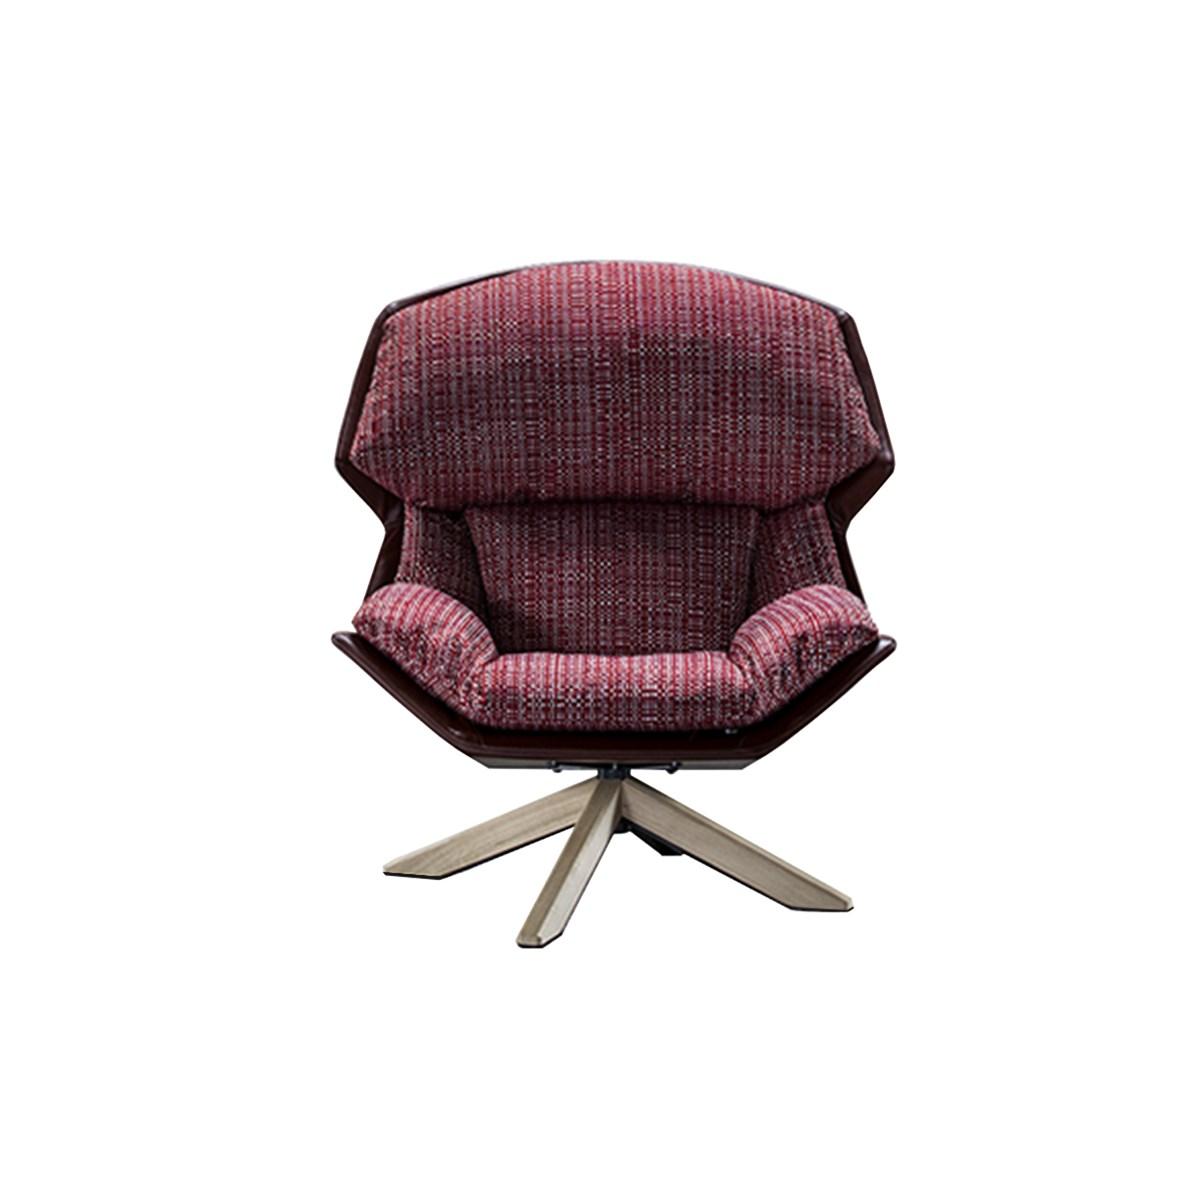 Moroso-Patricia-Urquiola-Clarissa-Armchair-Matisse-1